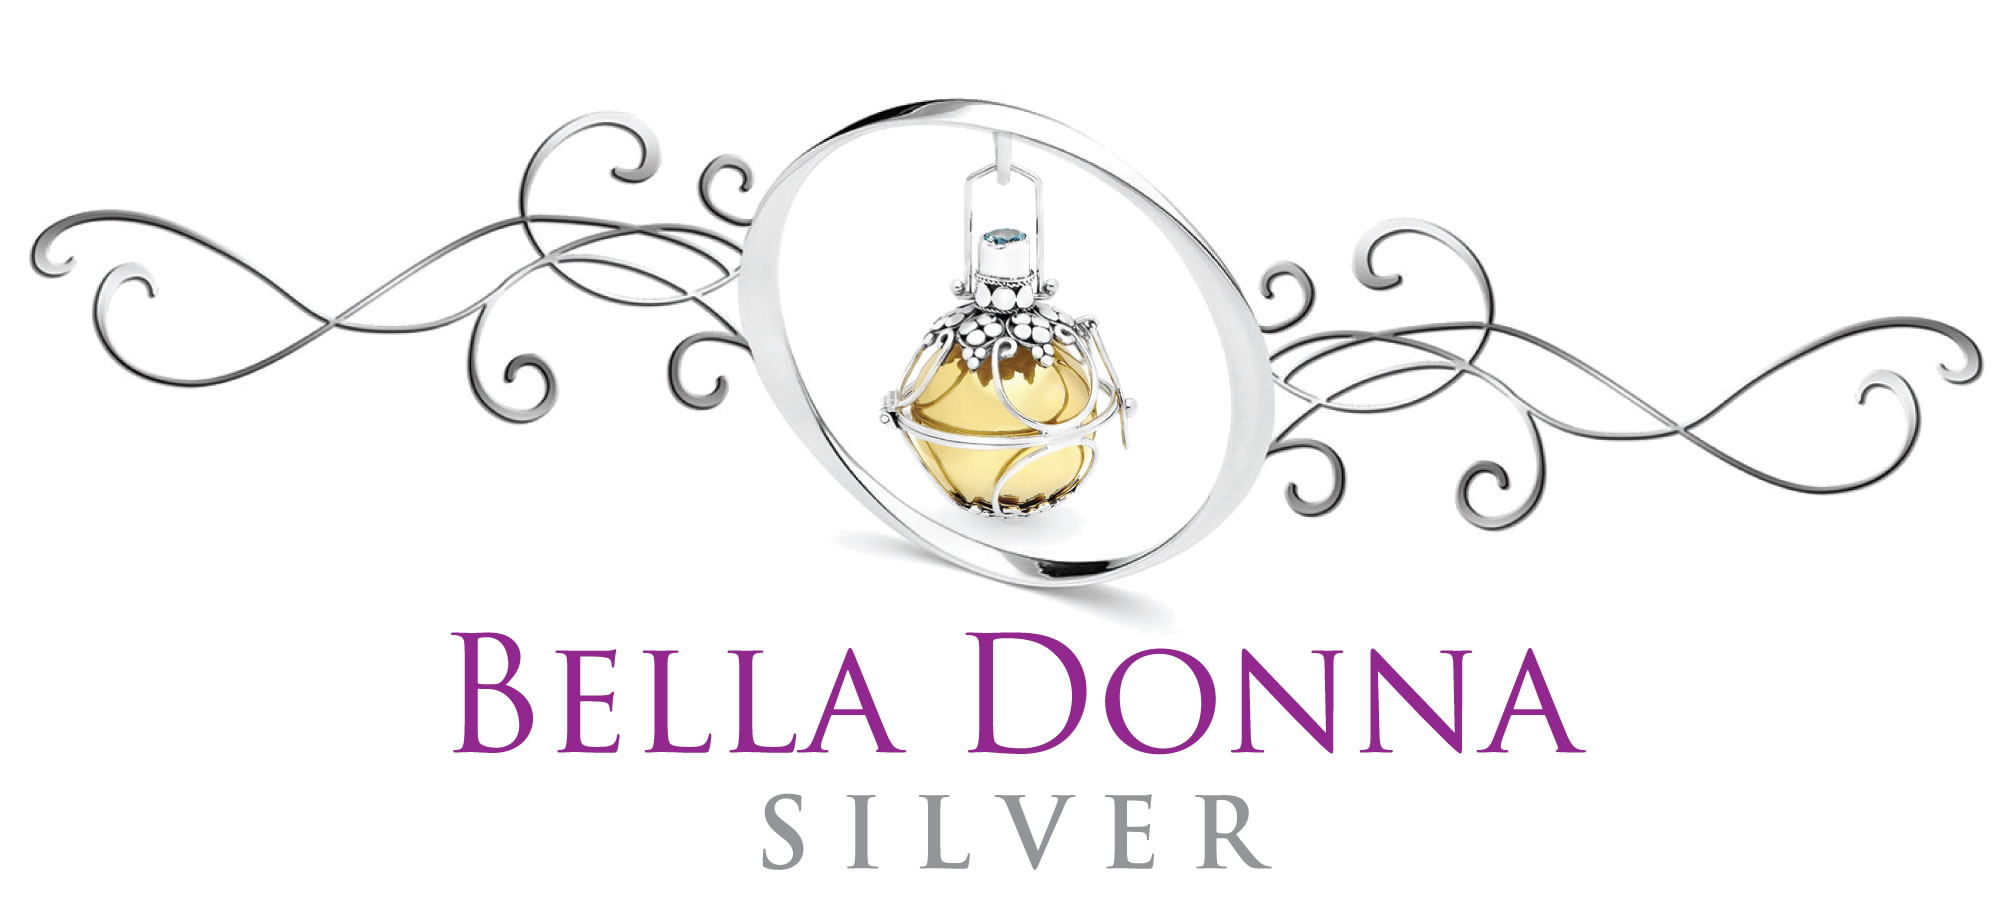 Bella Donna Silver